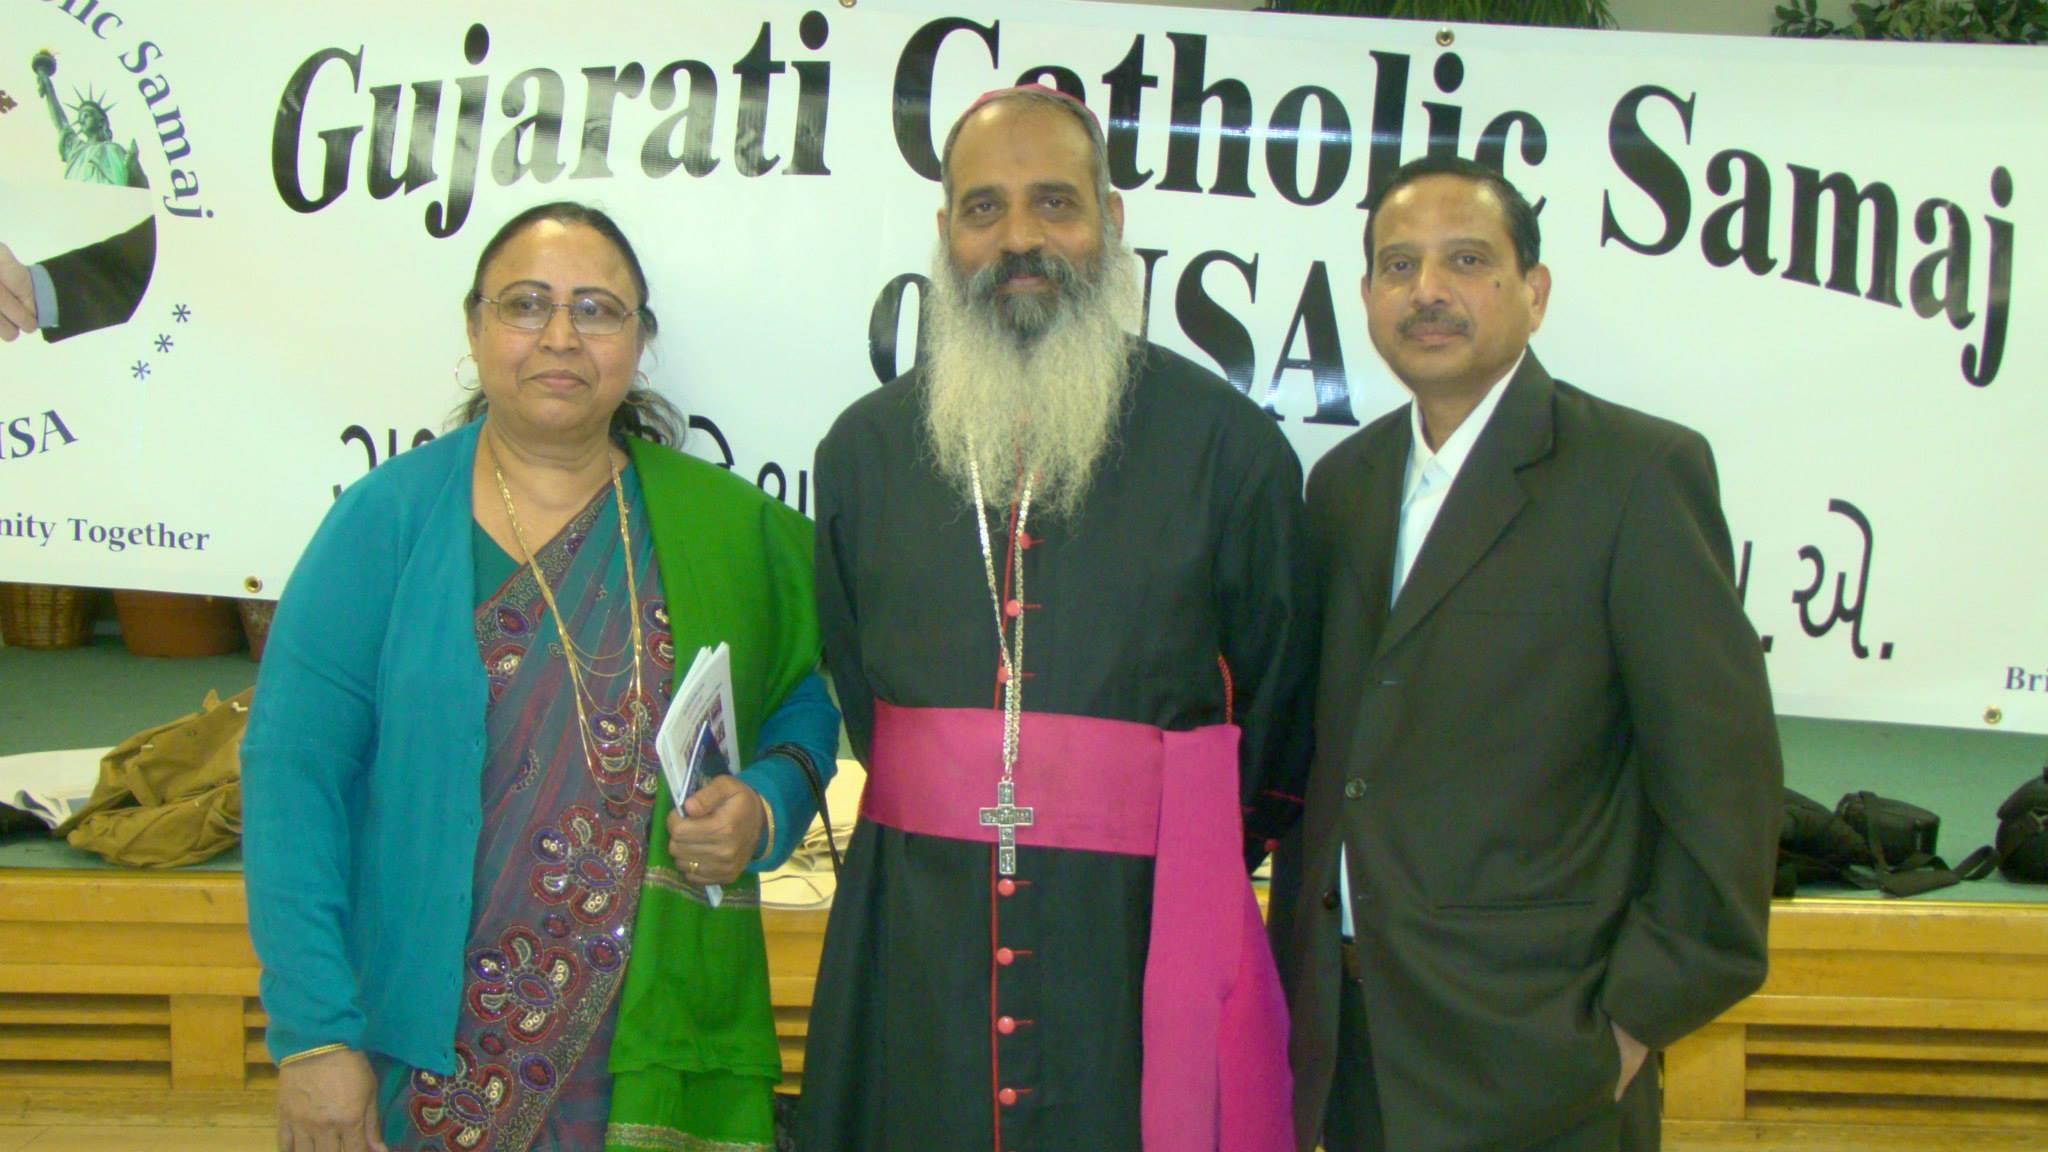 During visit of Hon. Bishop Thomas Macwan on March 9, 2014